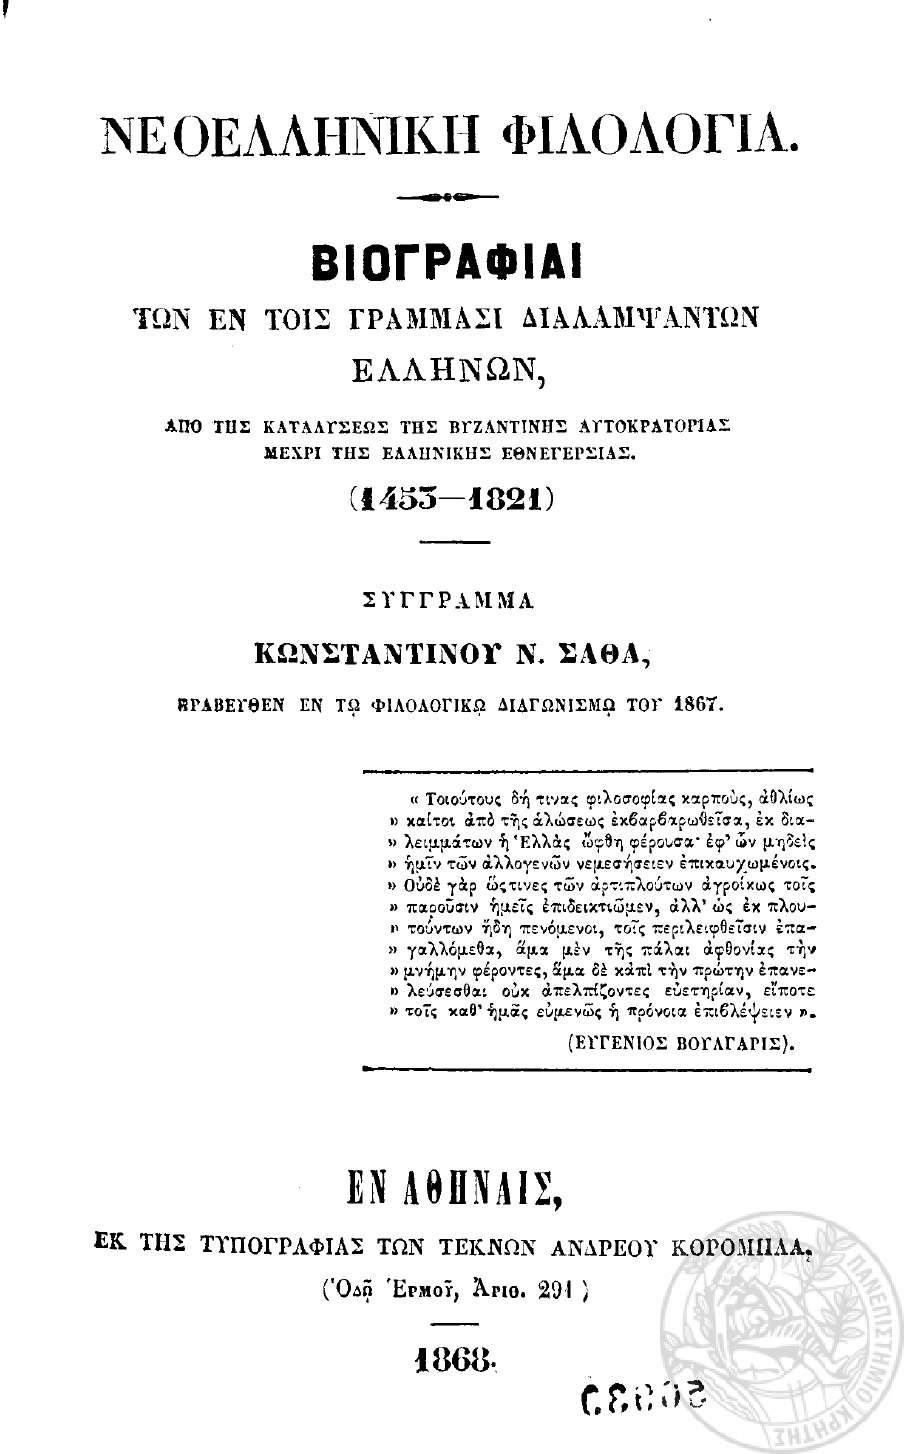 Κωνσταντίνος Ν. Σάθας: Νεοελληνική Φιλολογία (PDF)